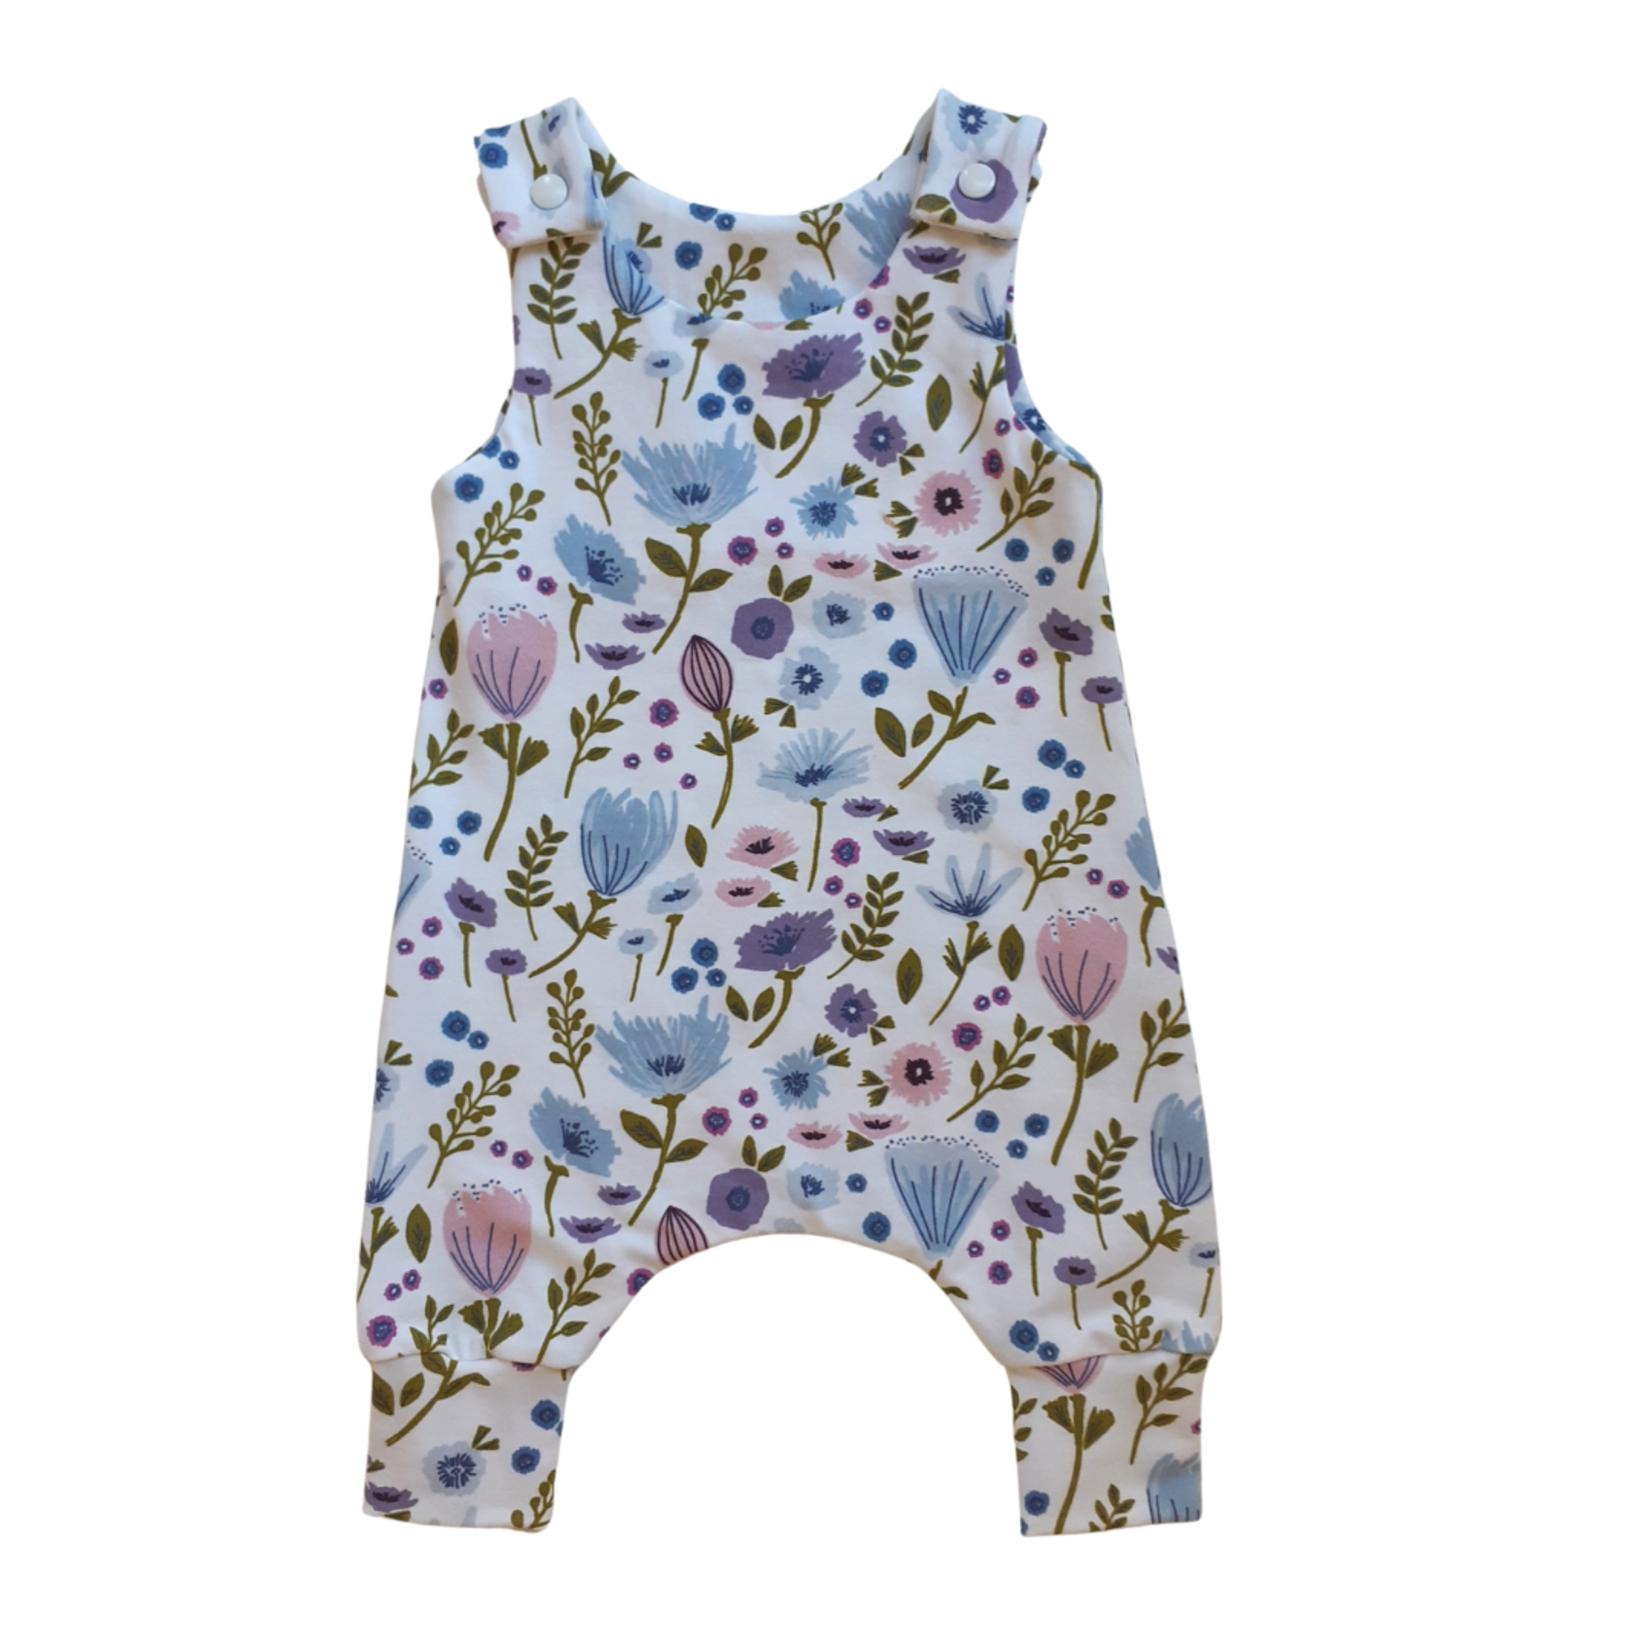 Mini Madz Mini Madz Romper - Lilac Floral 000